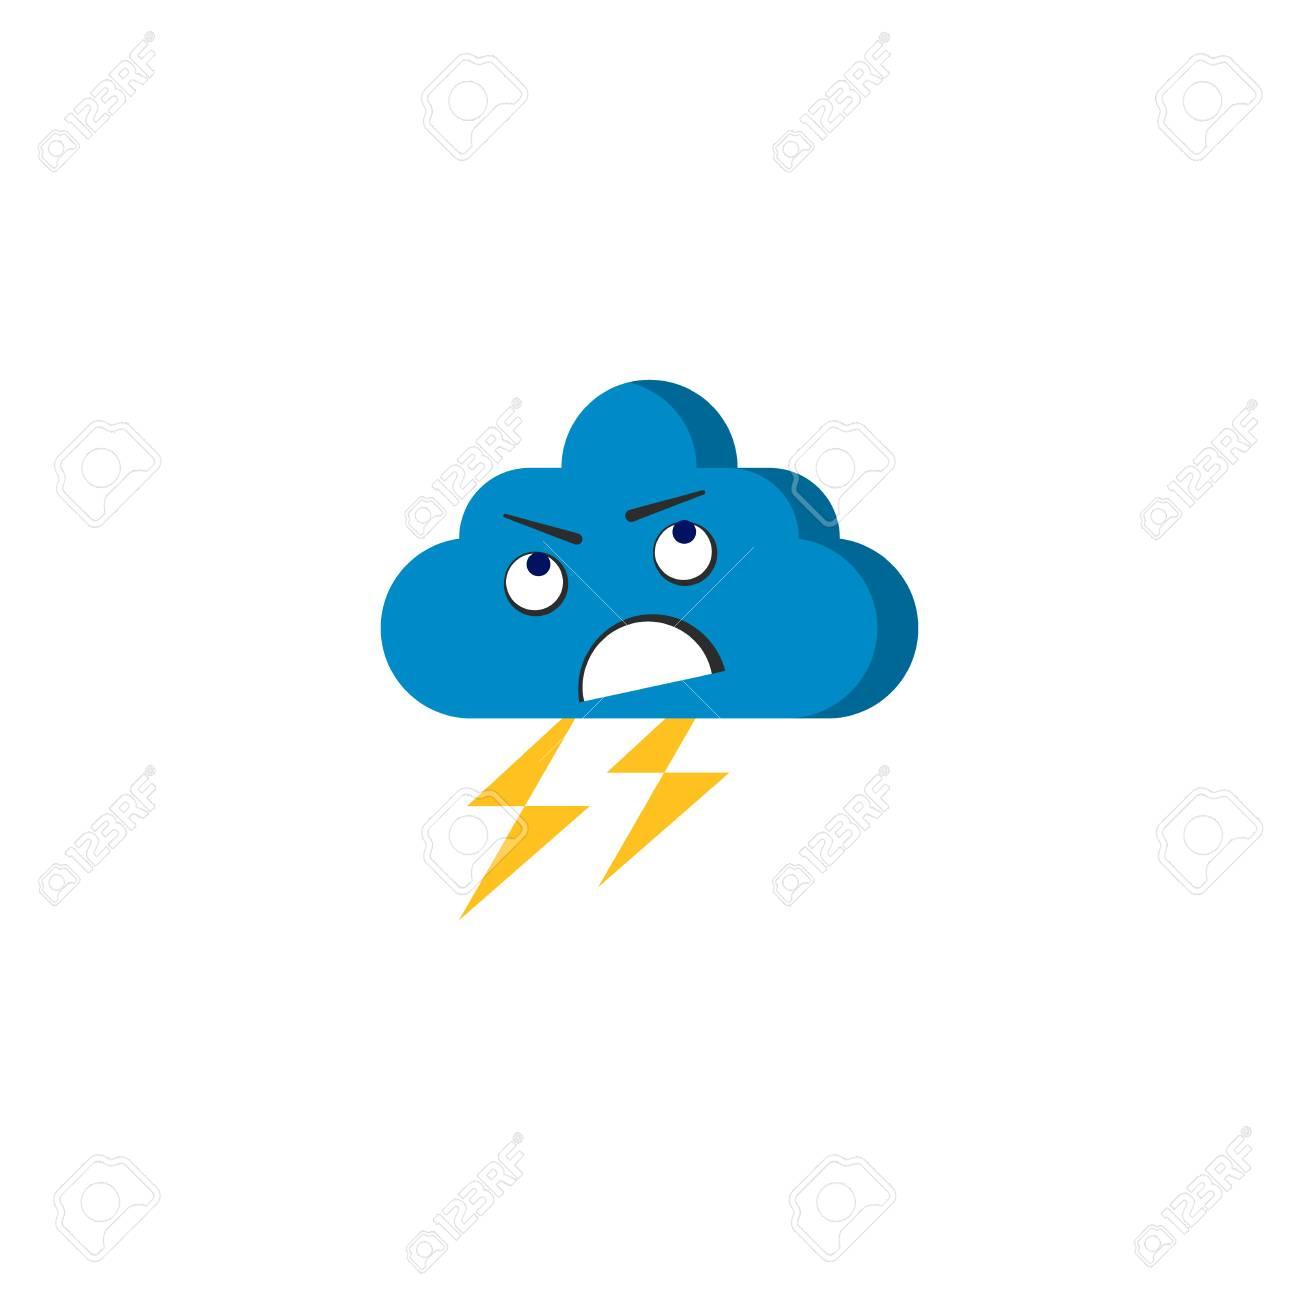 怒りの嵐雲ベクトル怒り漫画文字雲ベクトル イラストのイラスト素材